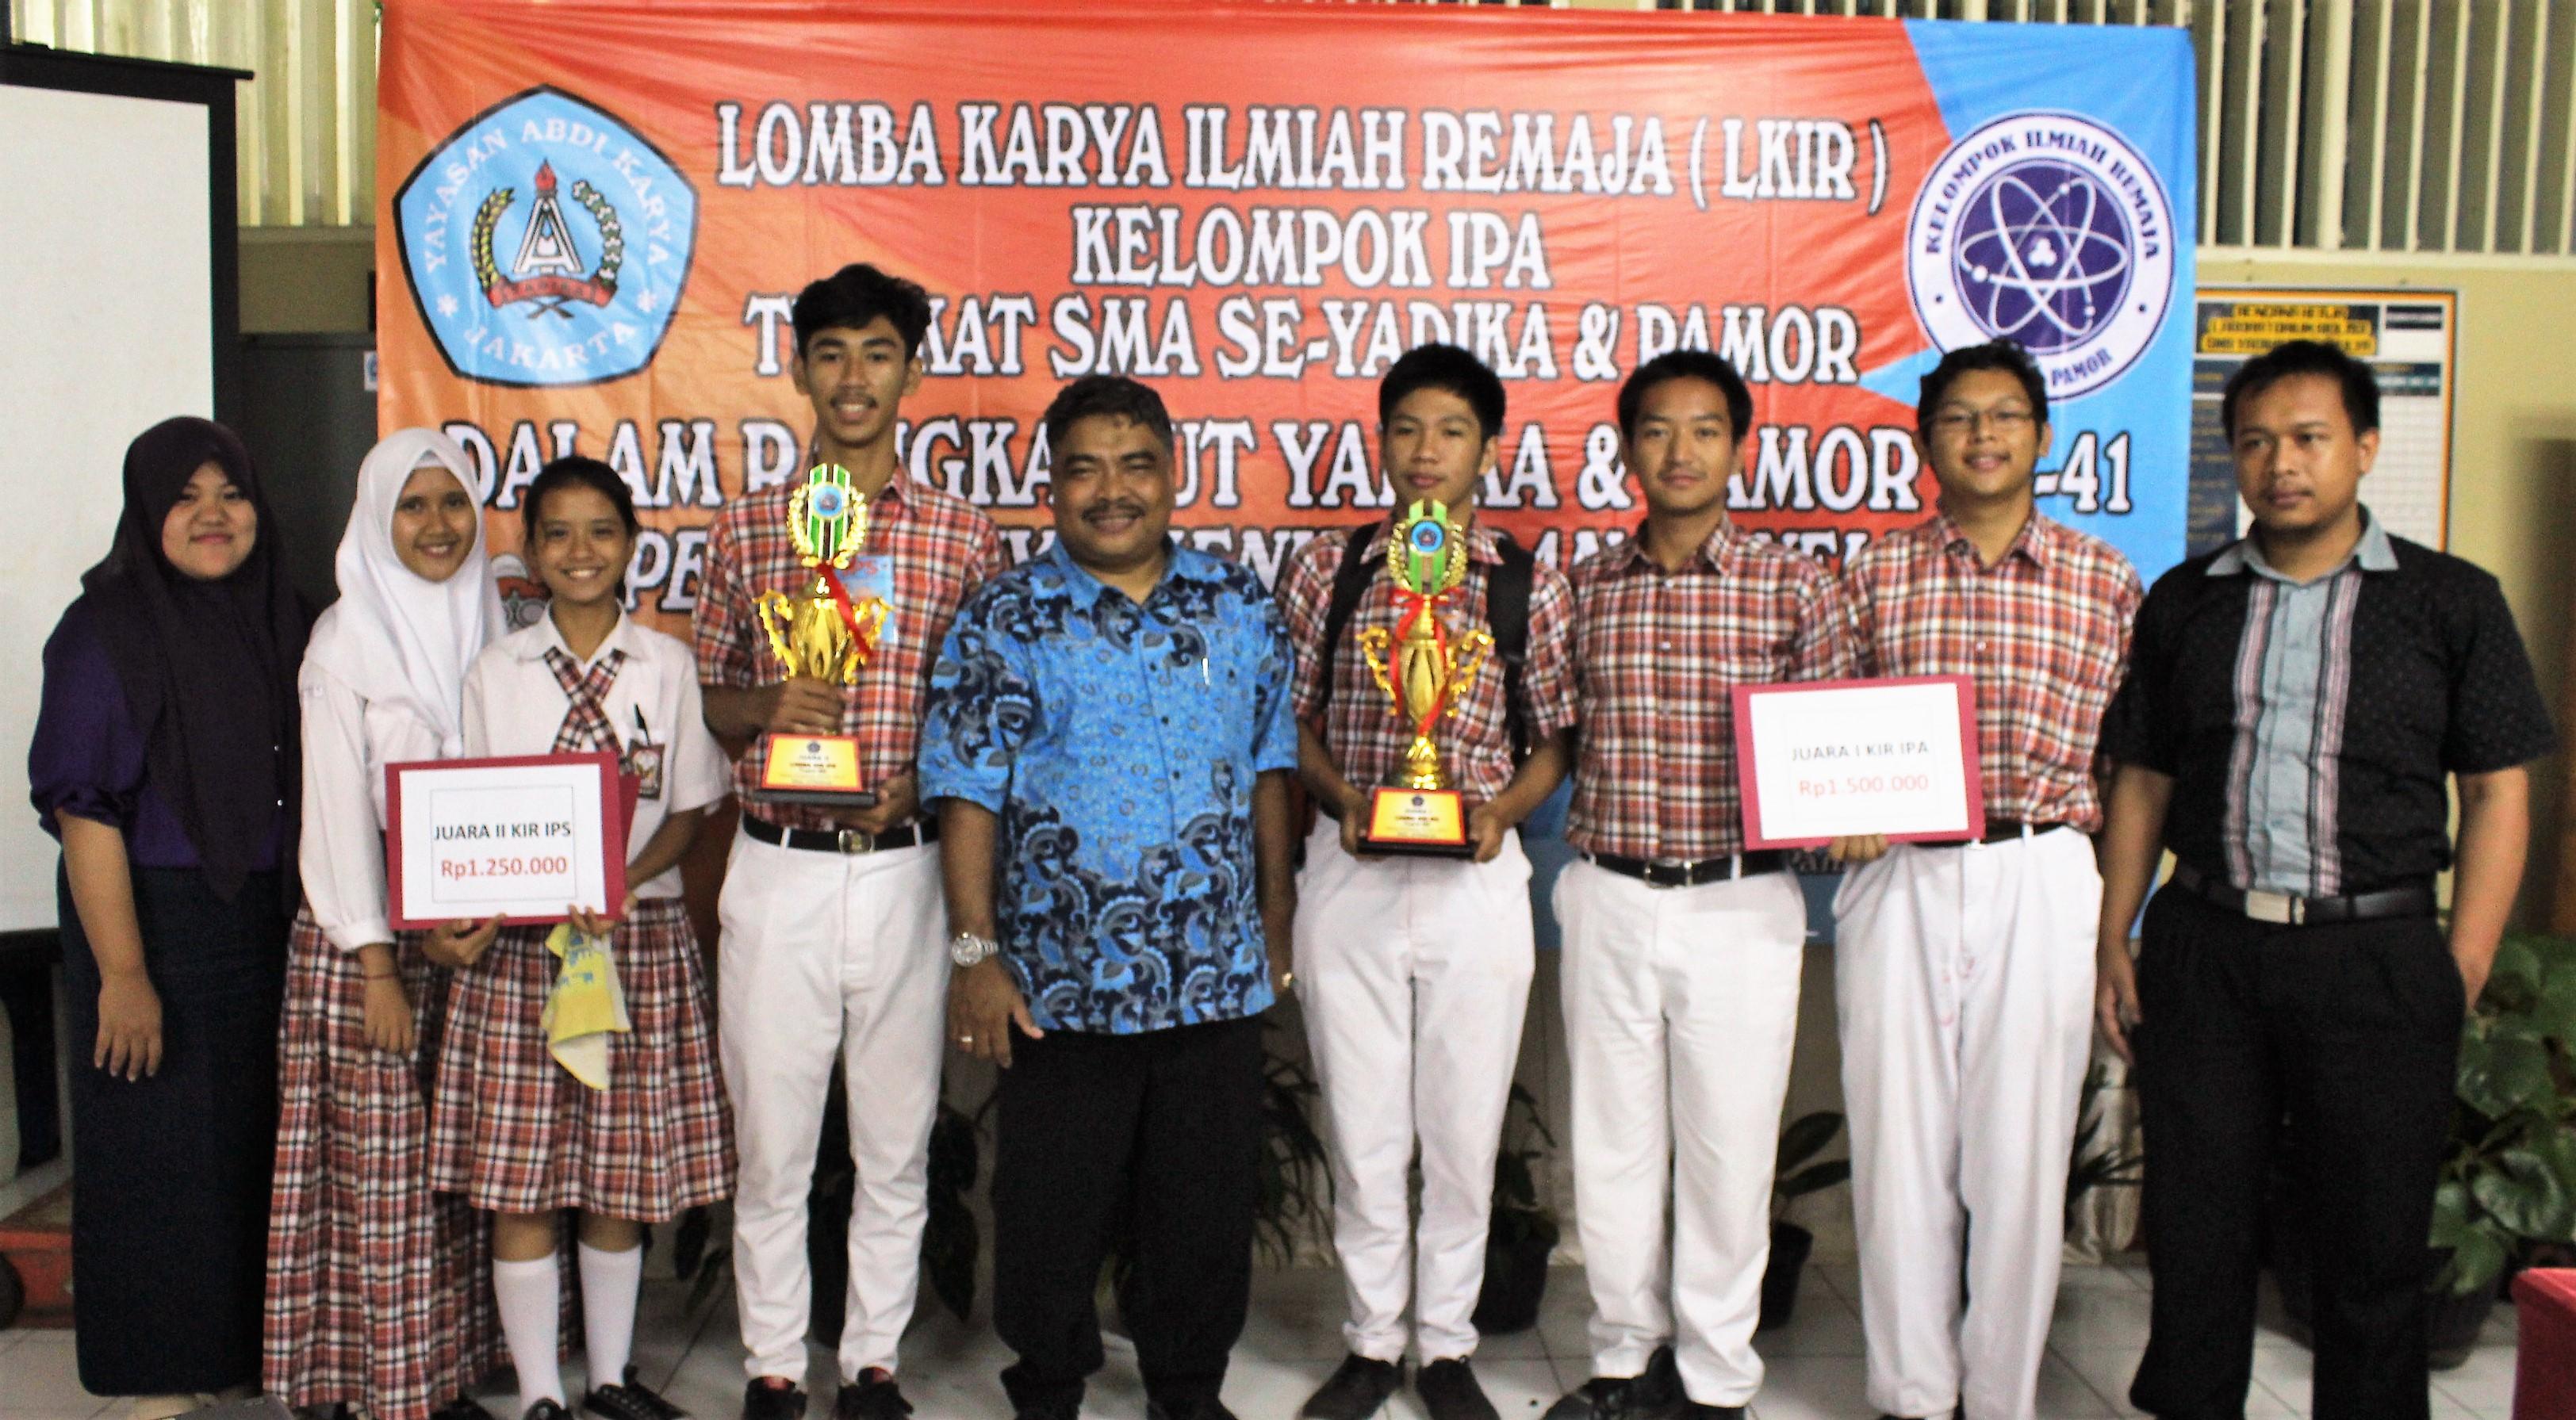 LOMBA KIR (KELOMPOK ILMIAH REMAJA) SMA YADIKA 6  DI SMA YADIKA 8 JATIMULYA TAHUN PELAJARAN 2016/2017